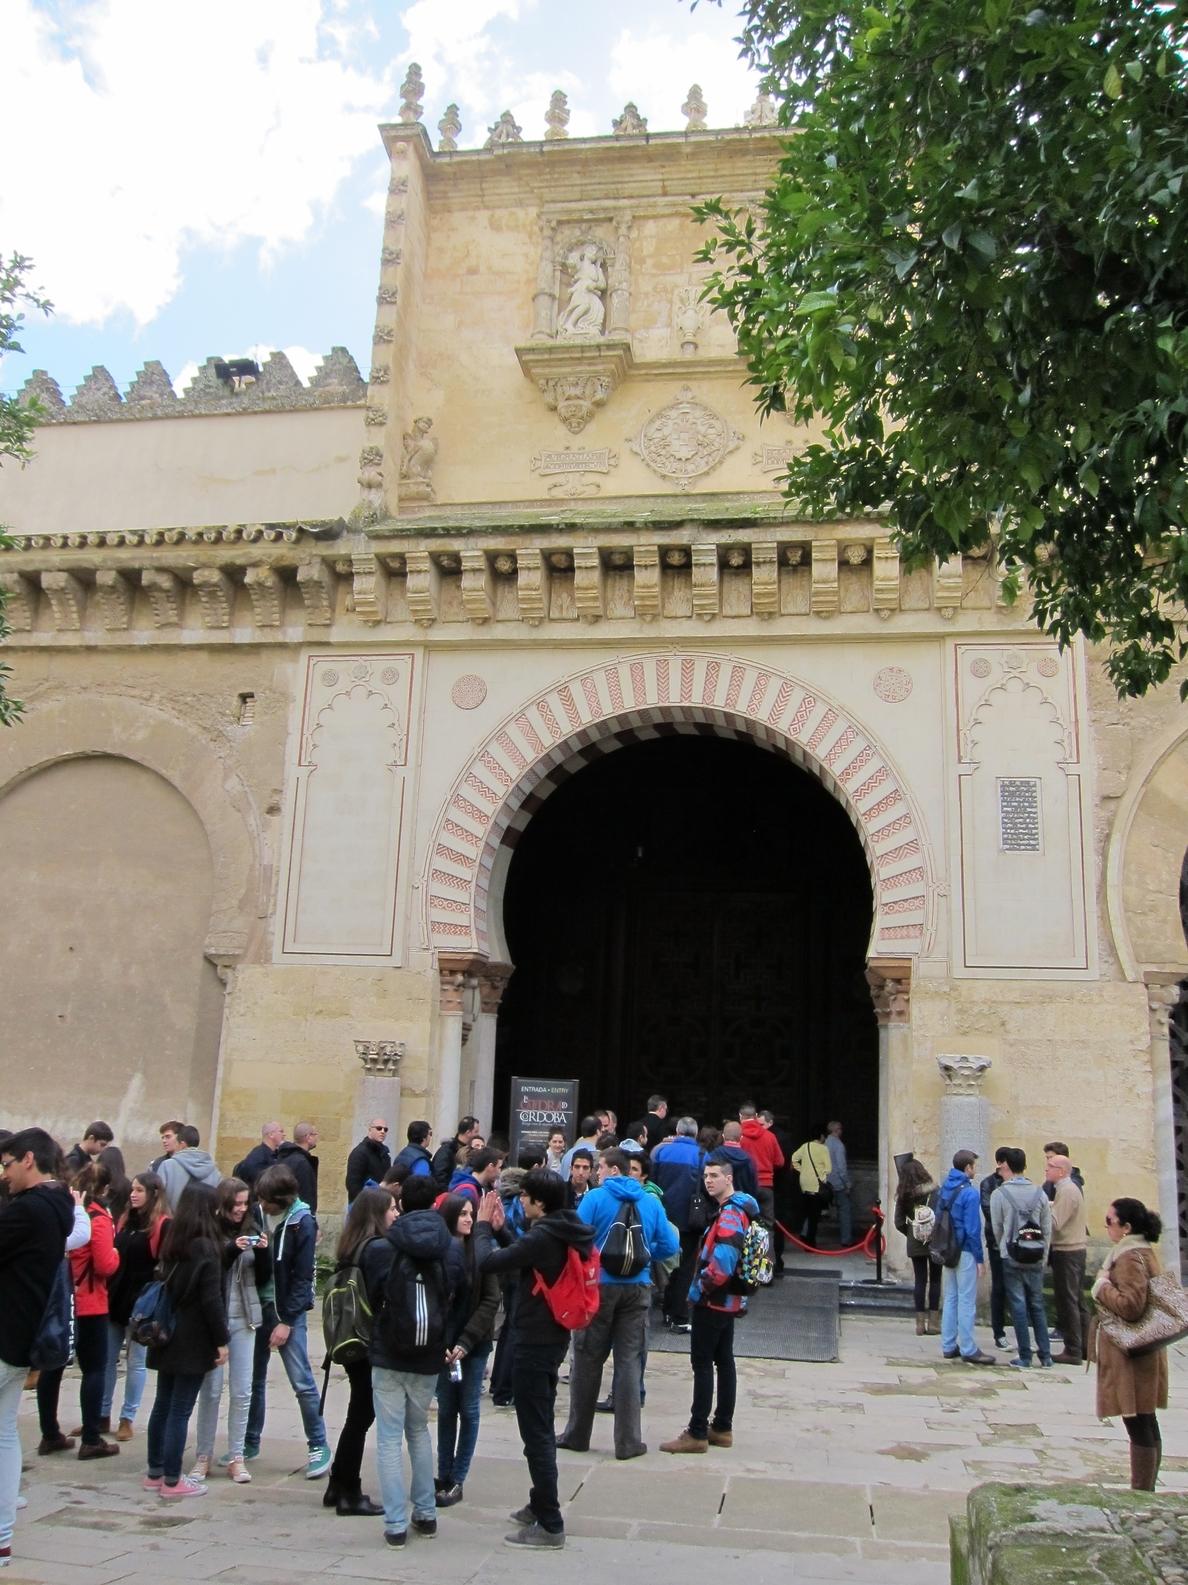 El Ayuntamiento buscará la forma más rápida que haga «realidad» la segunda puerta de la Mezquita